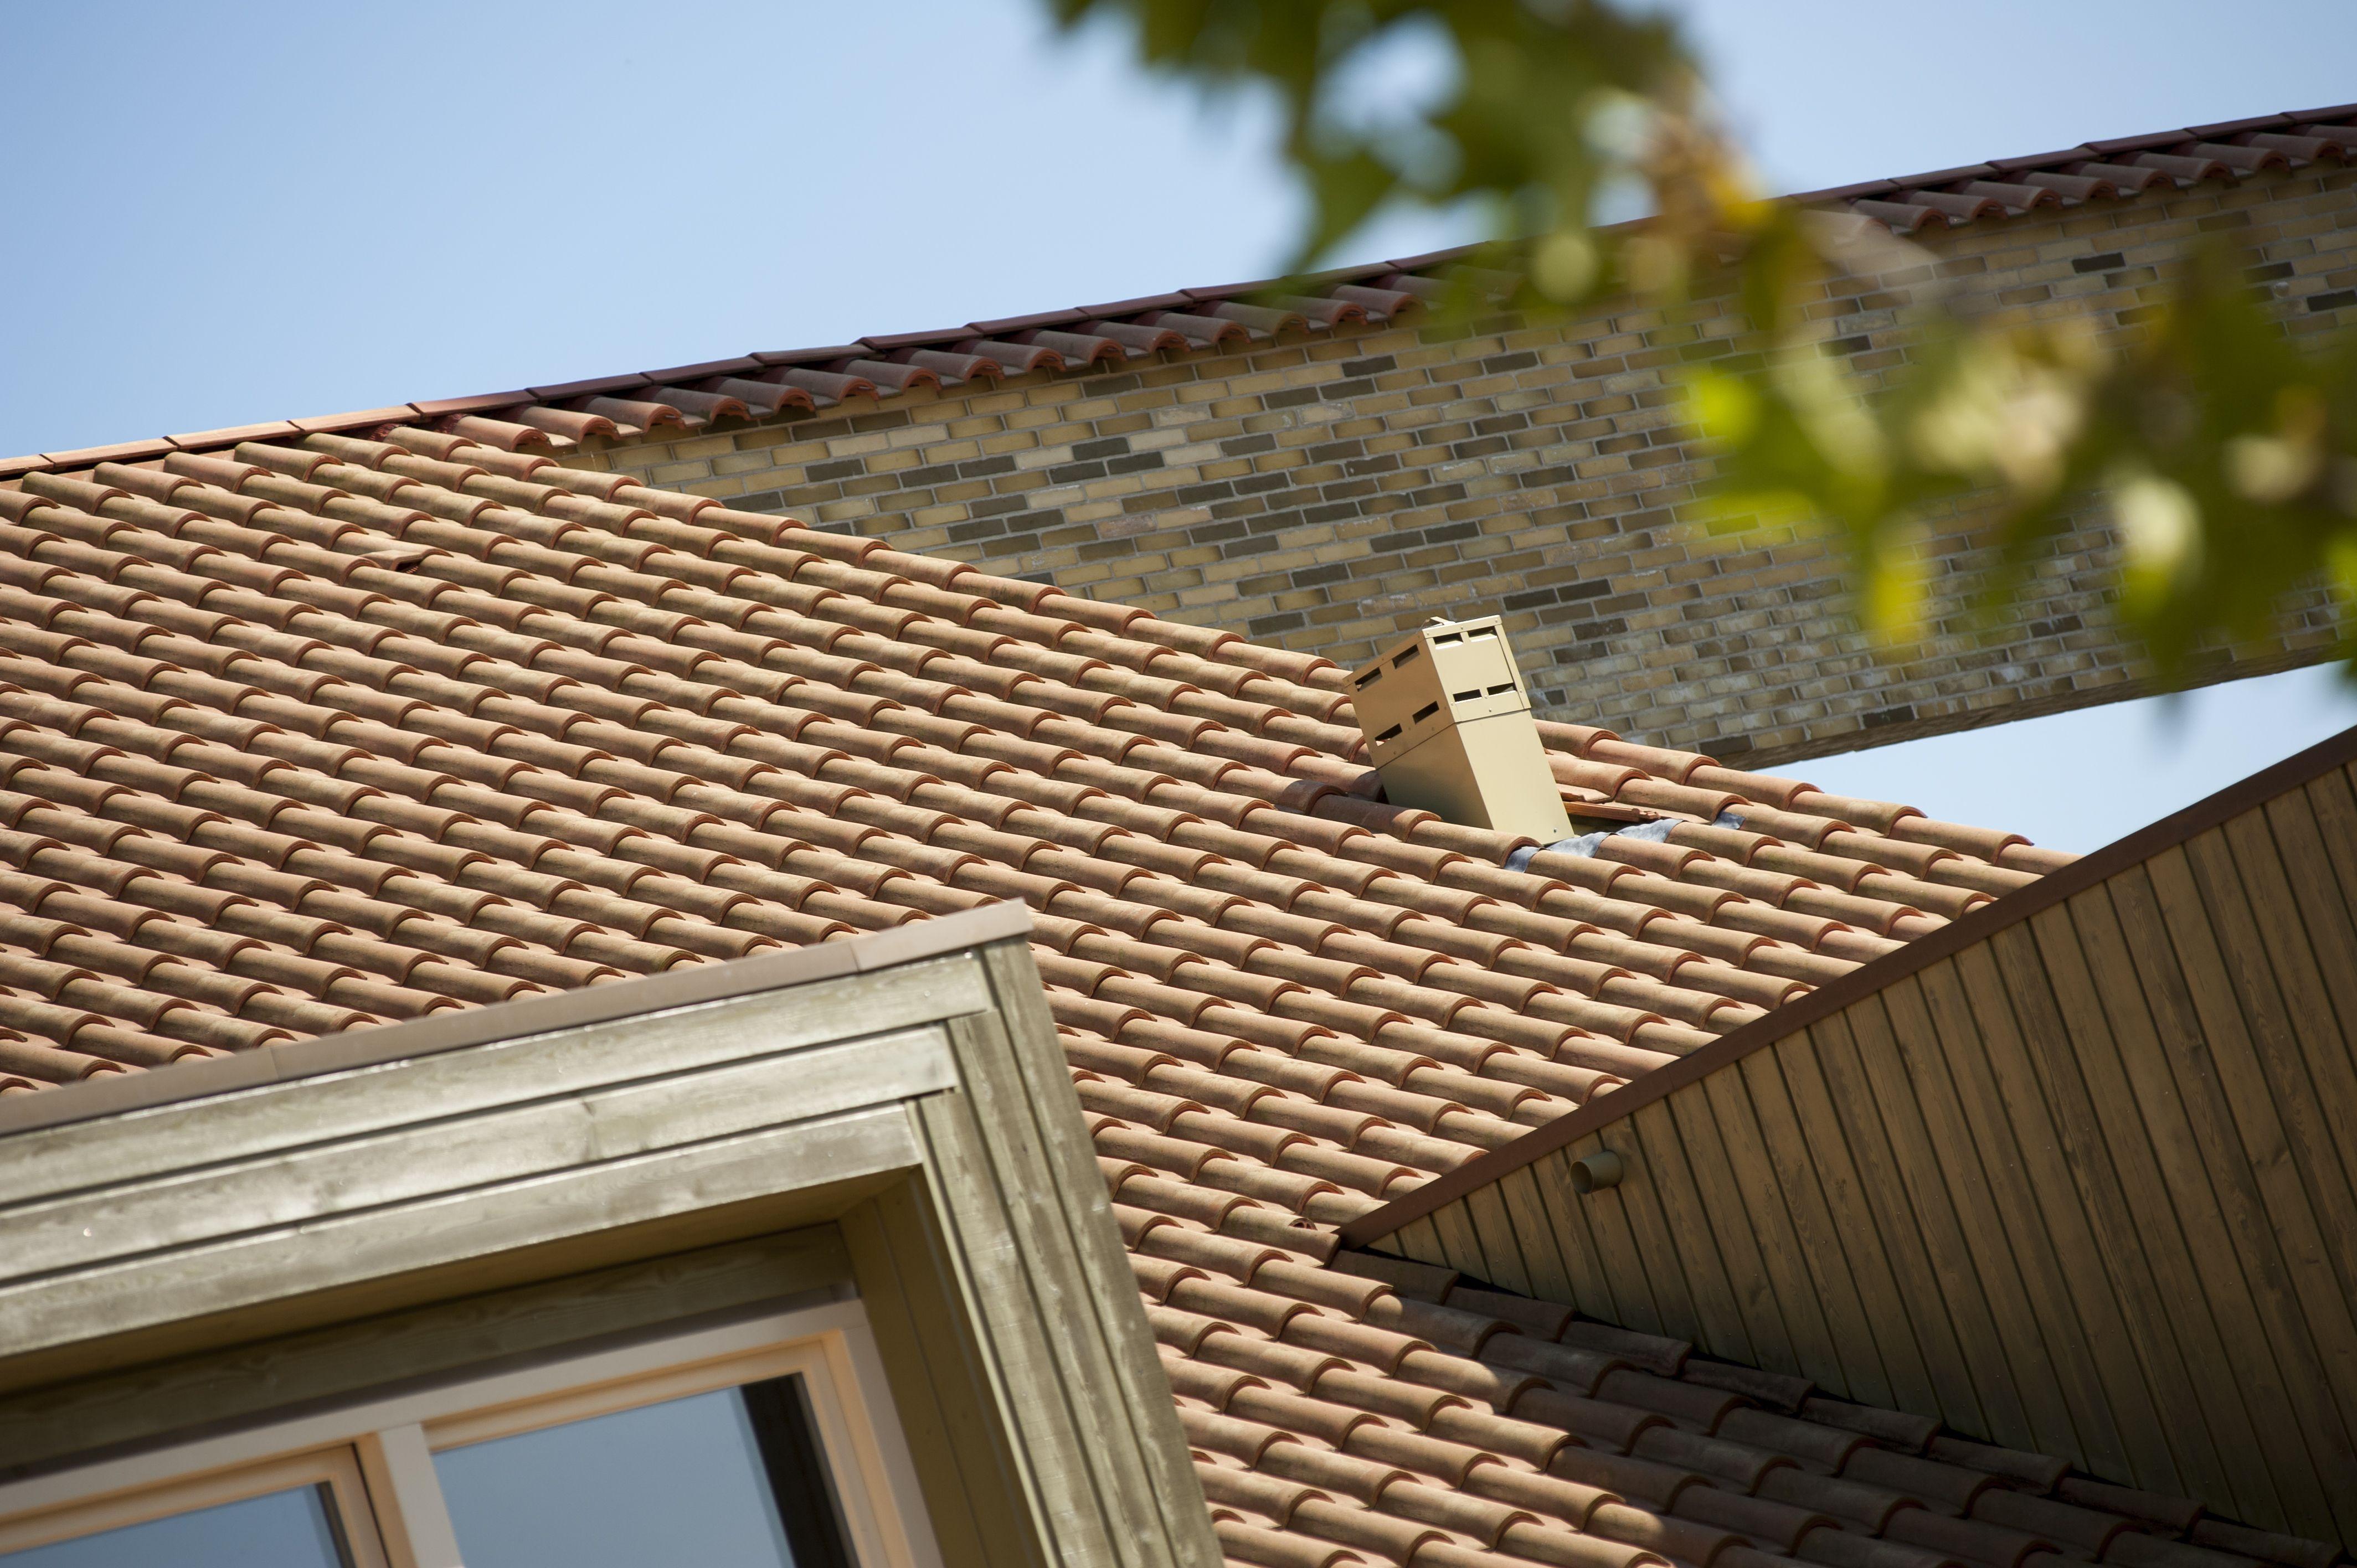 Keramische dakbedekking voor duurzame onderhoudsvriendelijke dakpannen met een lange levensduur. Panmodel: Romane